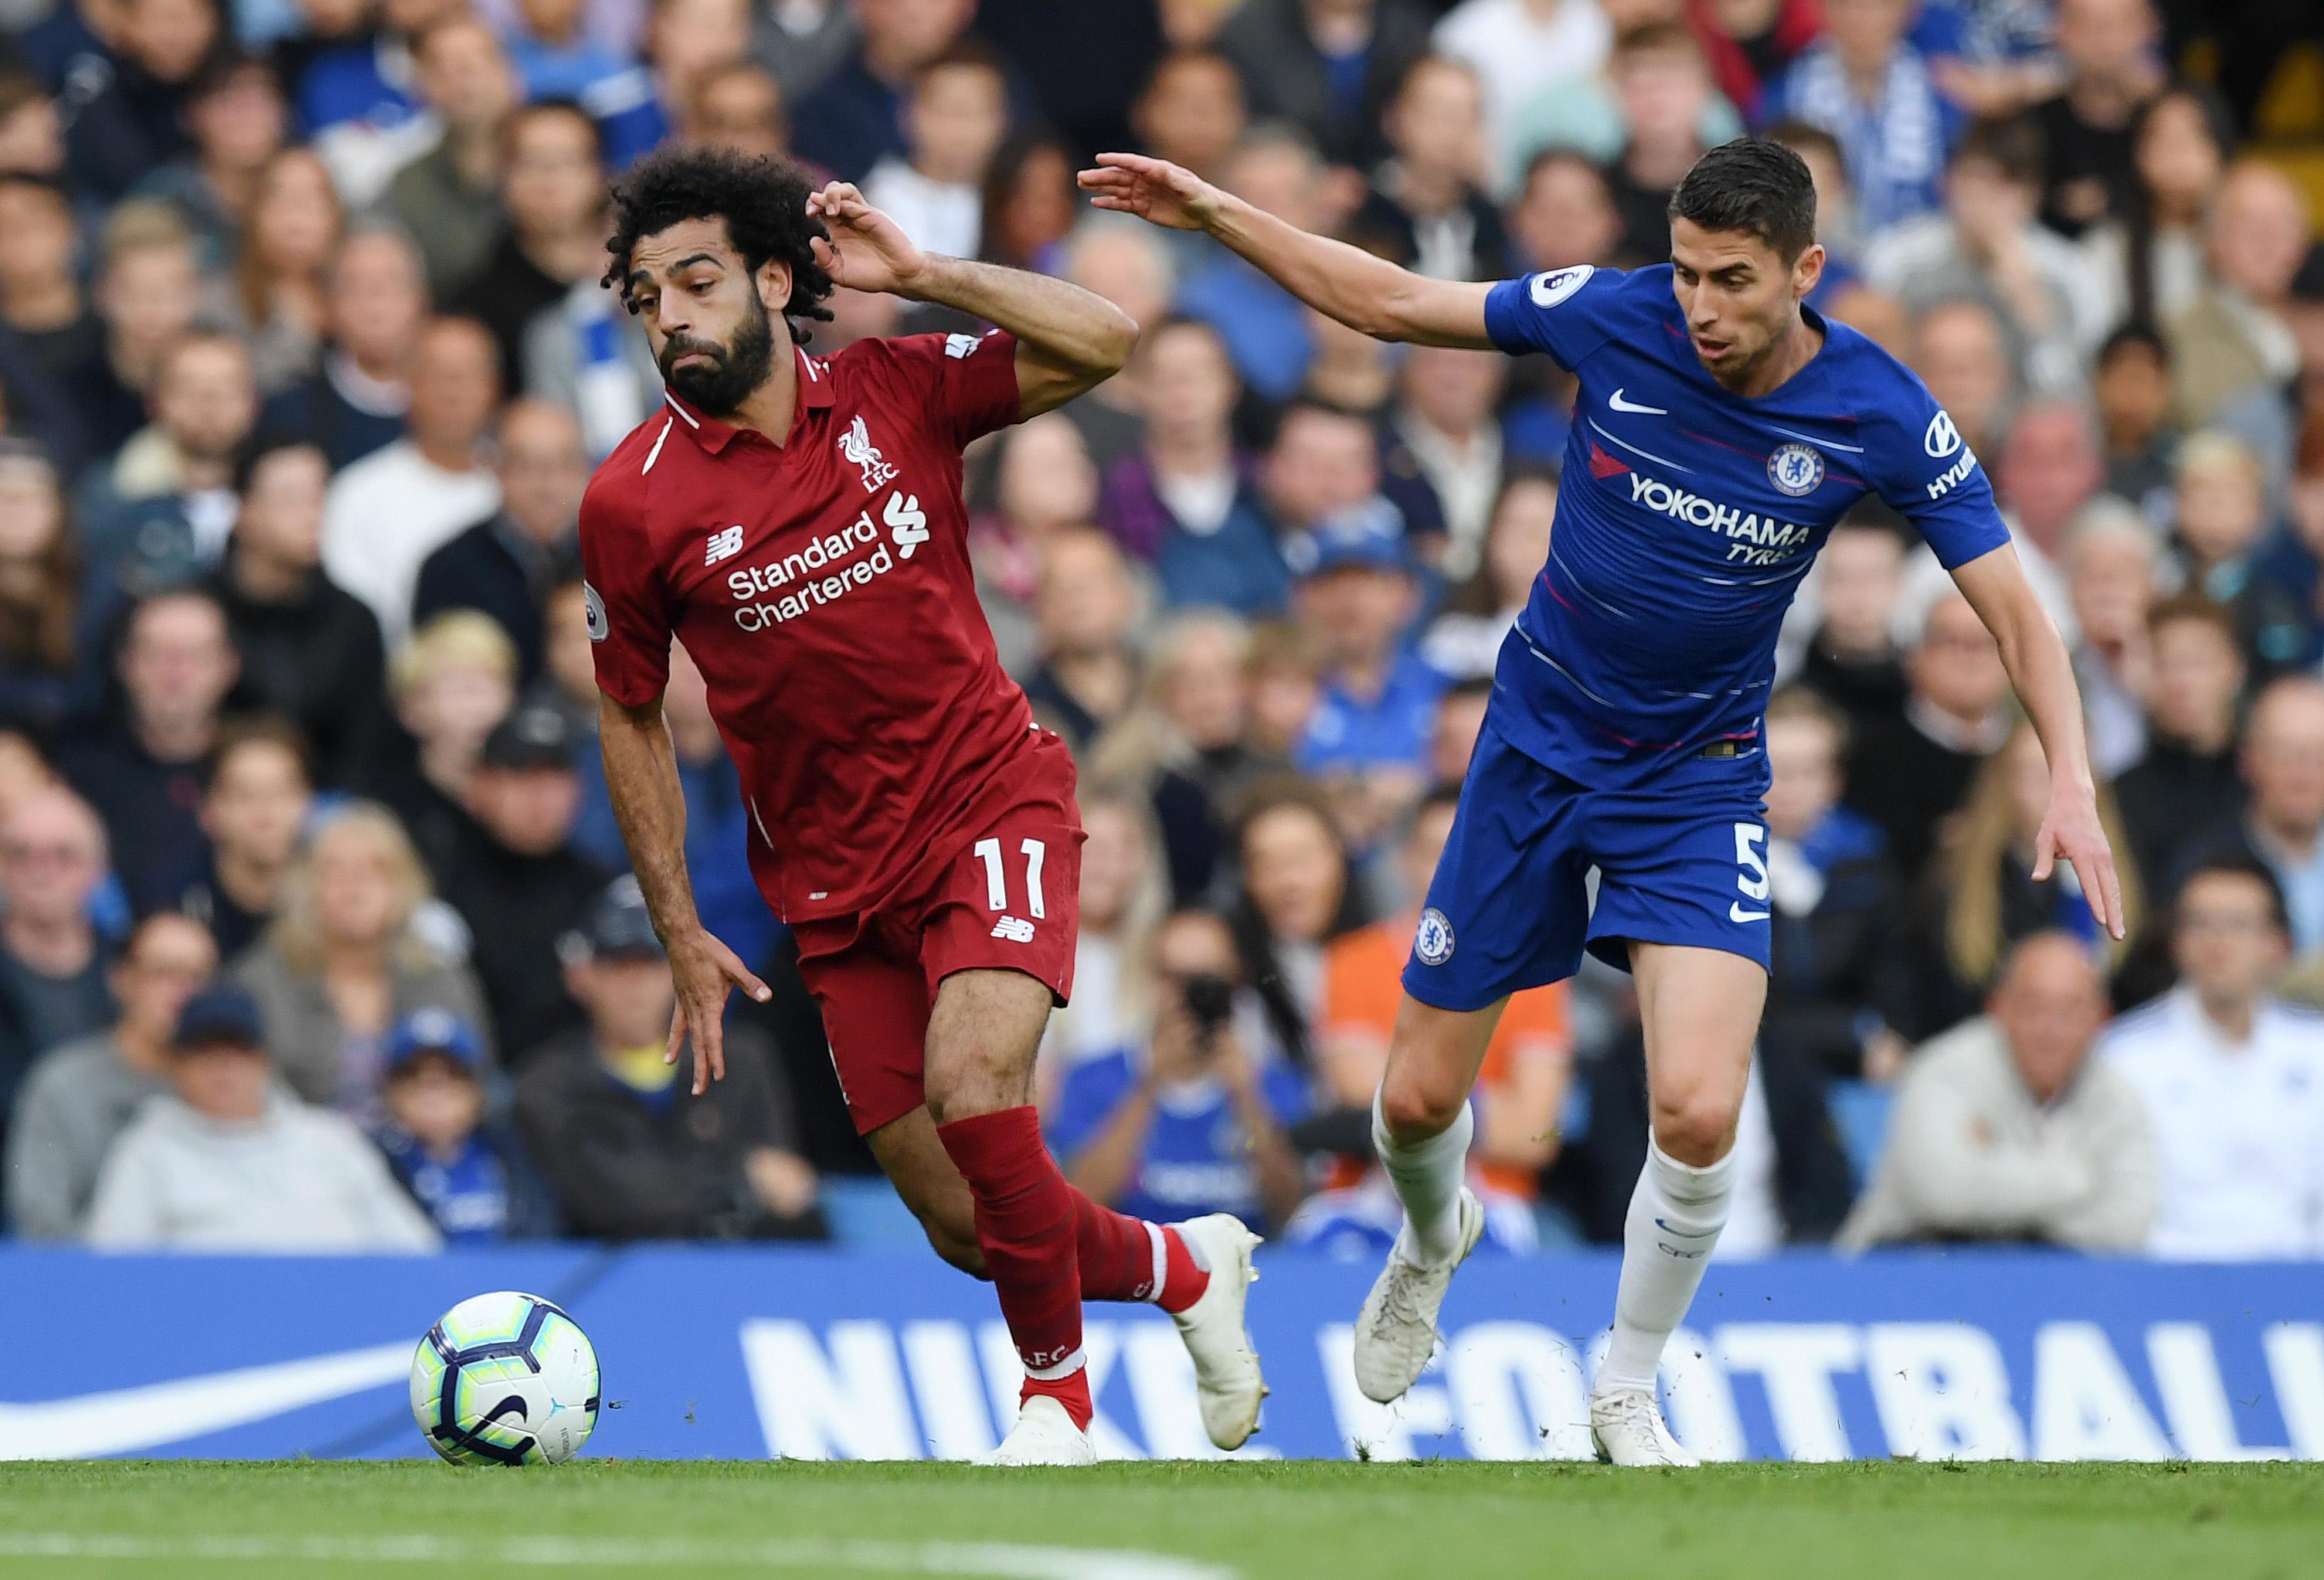 Chelsea Liverpool Premier League 2018 19